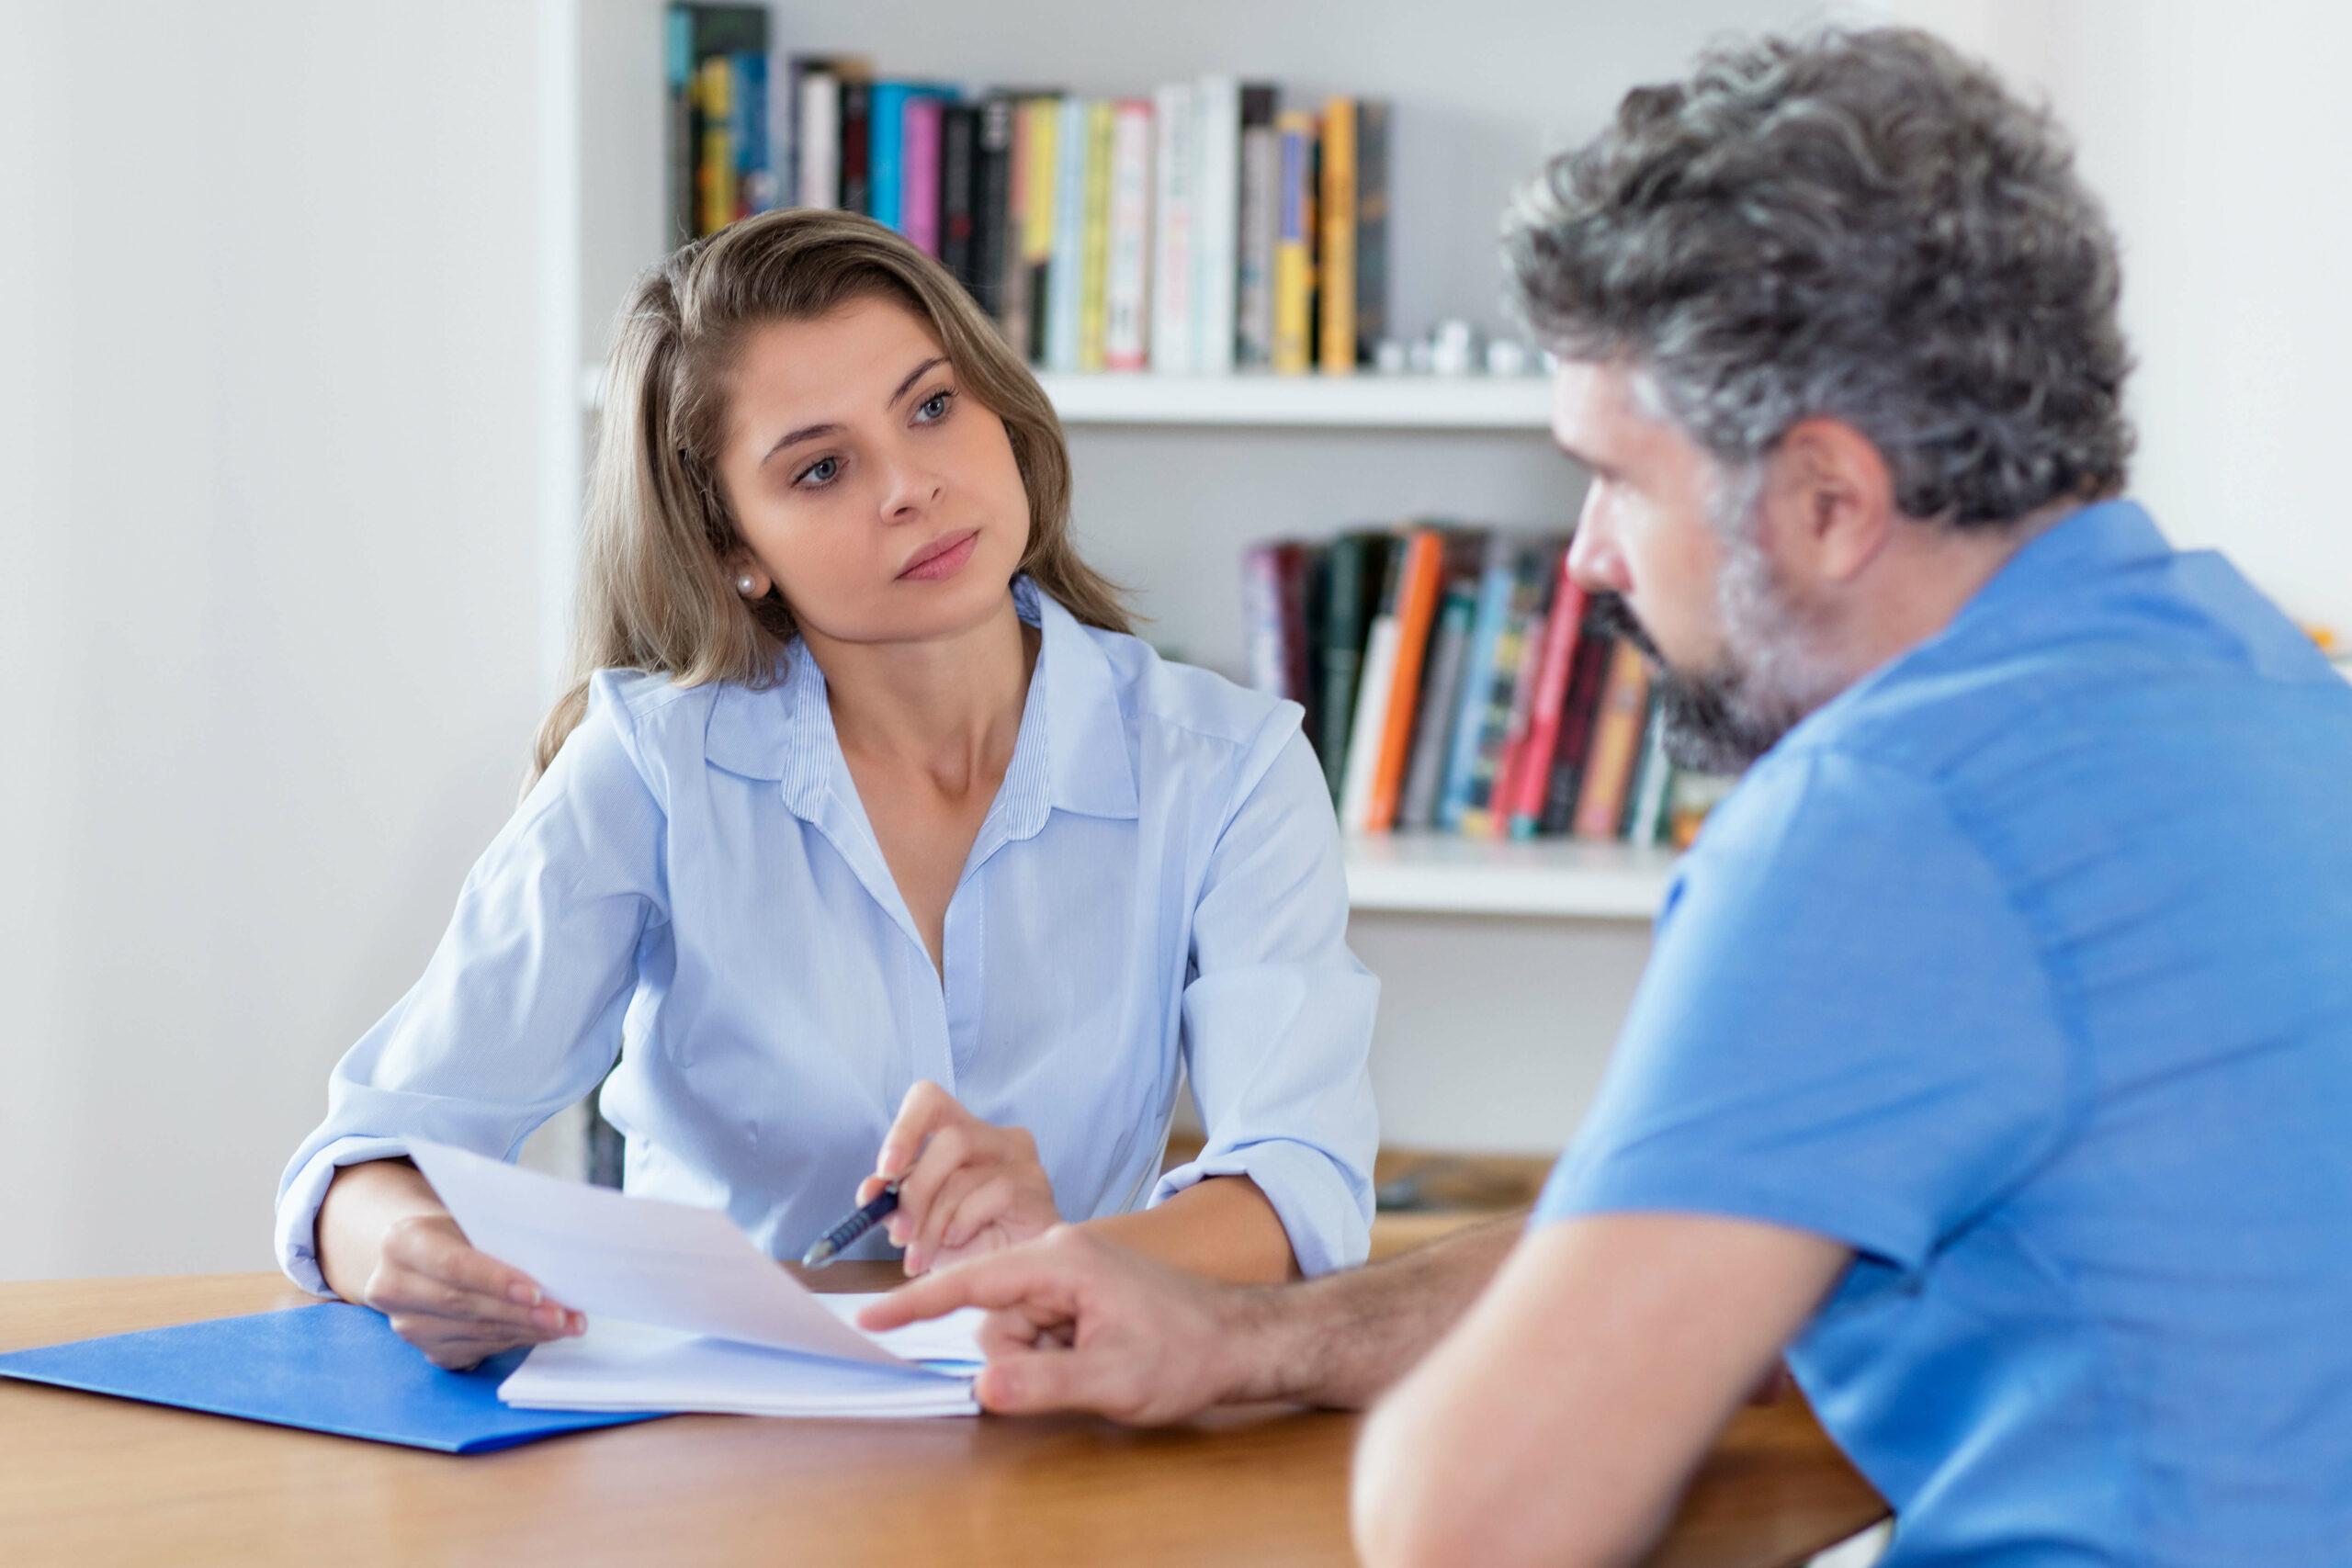 Abschied vom Arbeitgeber: 5 Tipps fürs Feedbackgespräch